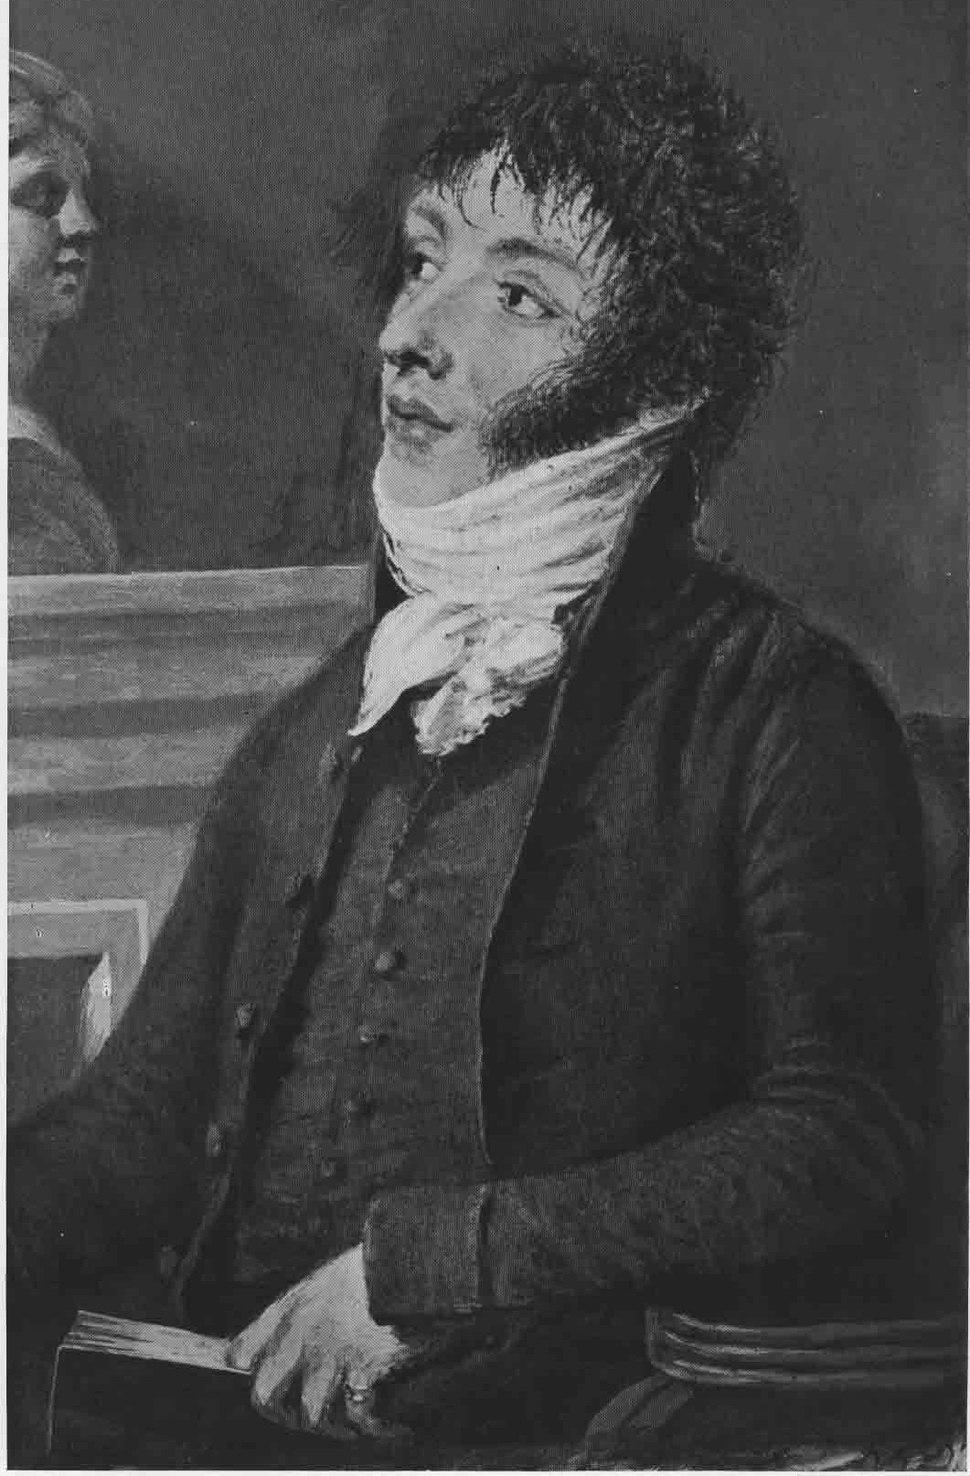 Konstantin Batyuskov